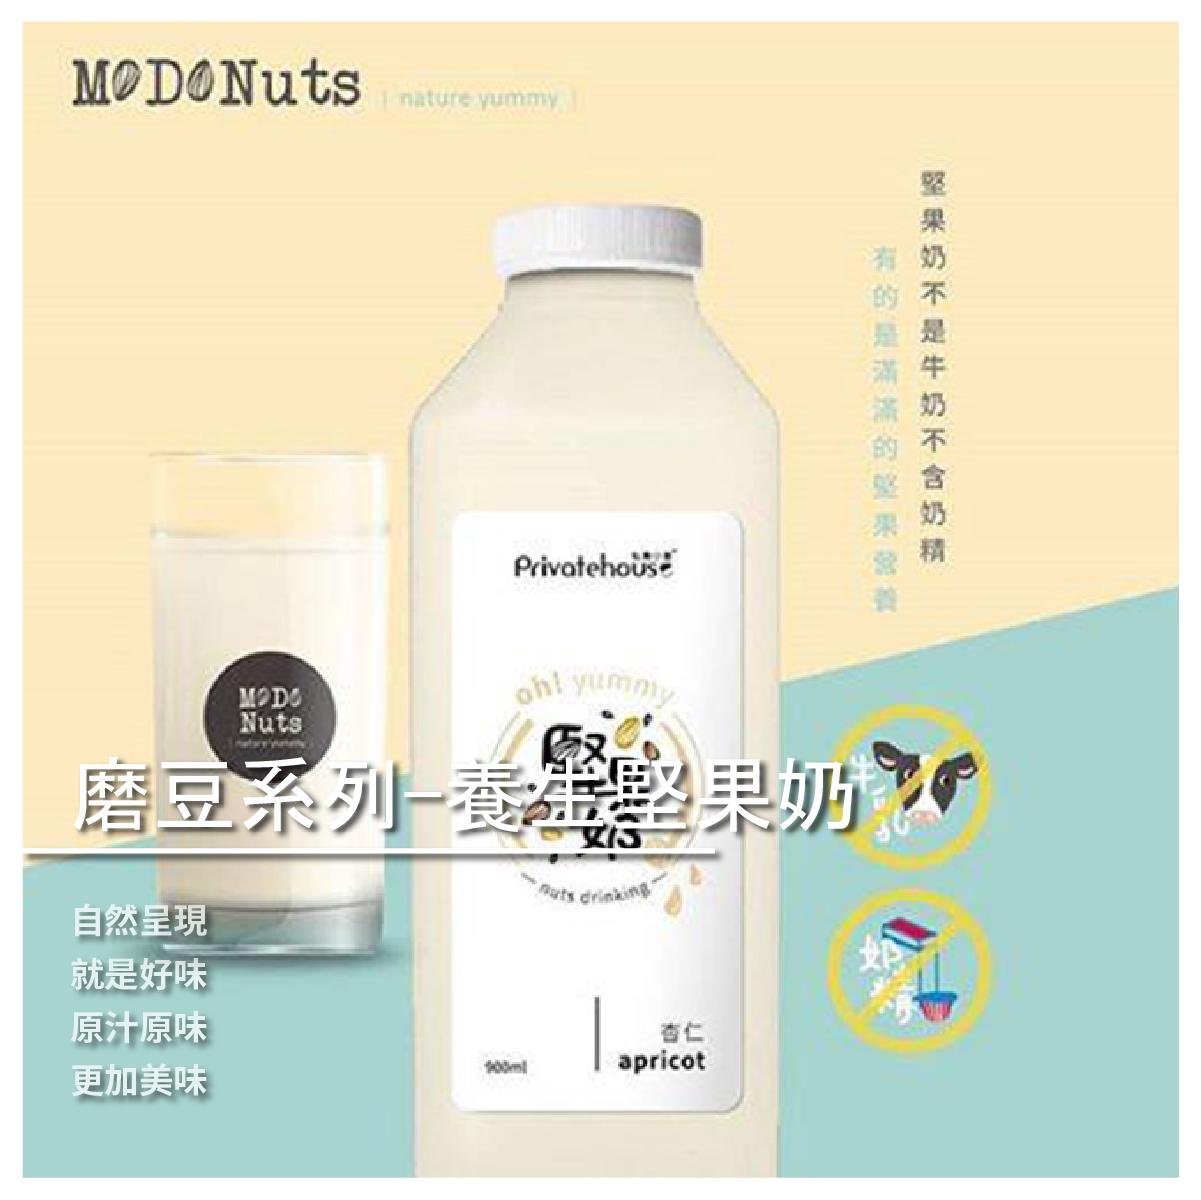 【茗磨坊磨豆】磨豆系列(養生堅果奶)植物奶-黑芝麻/杏仁